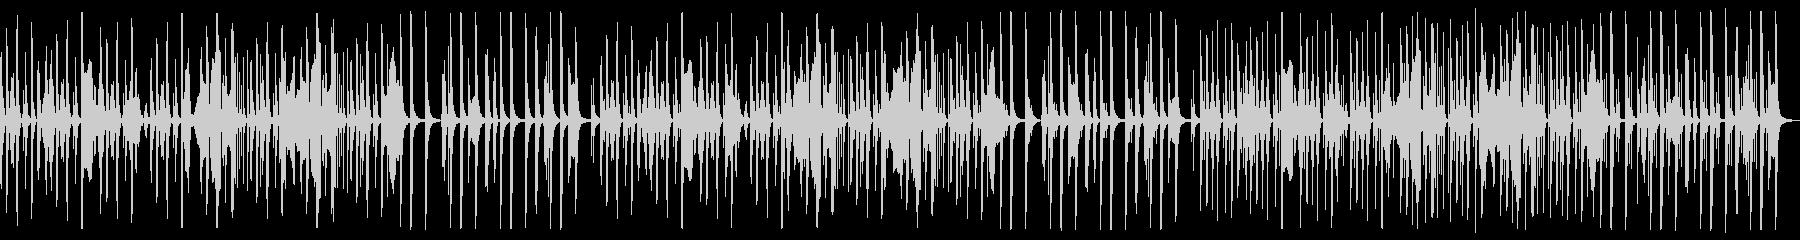 【ループ版】YouTube ハーモニカの未再生の波形